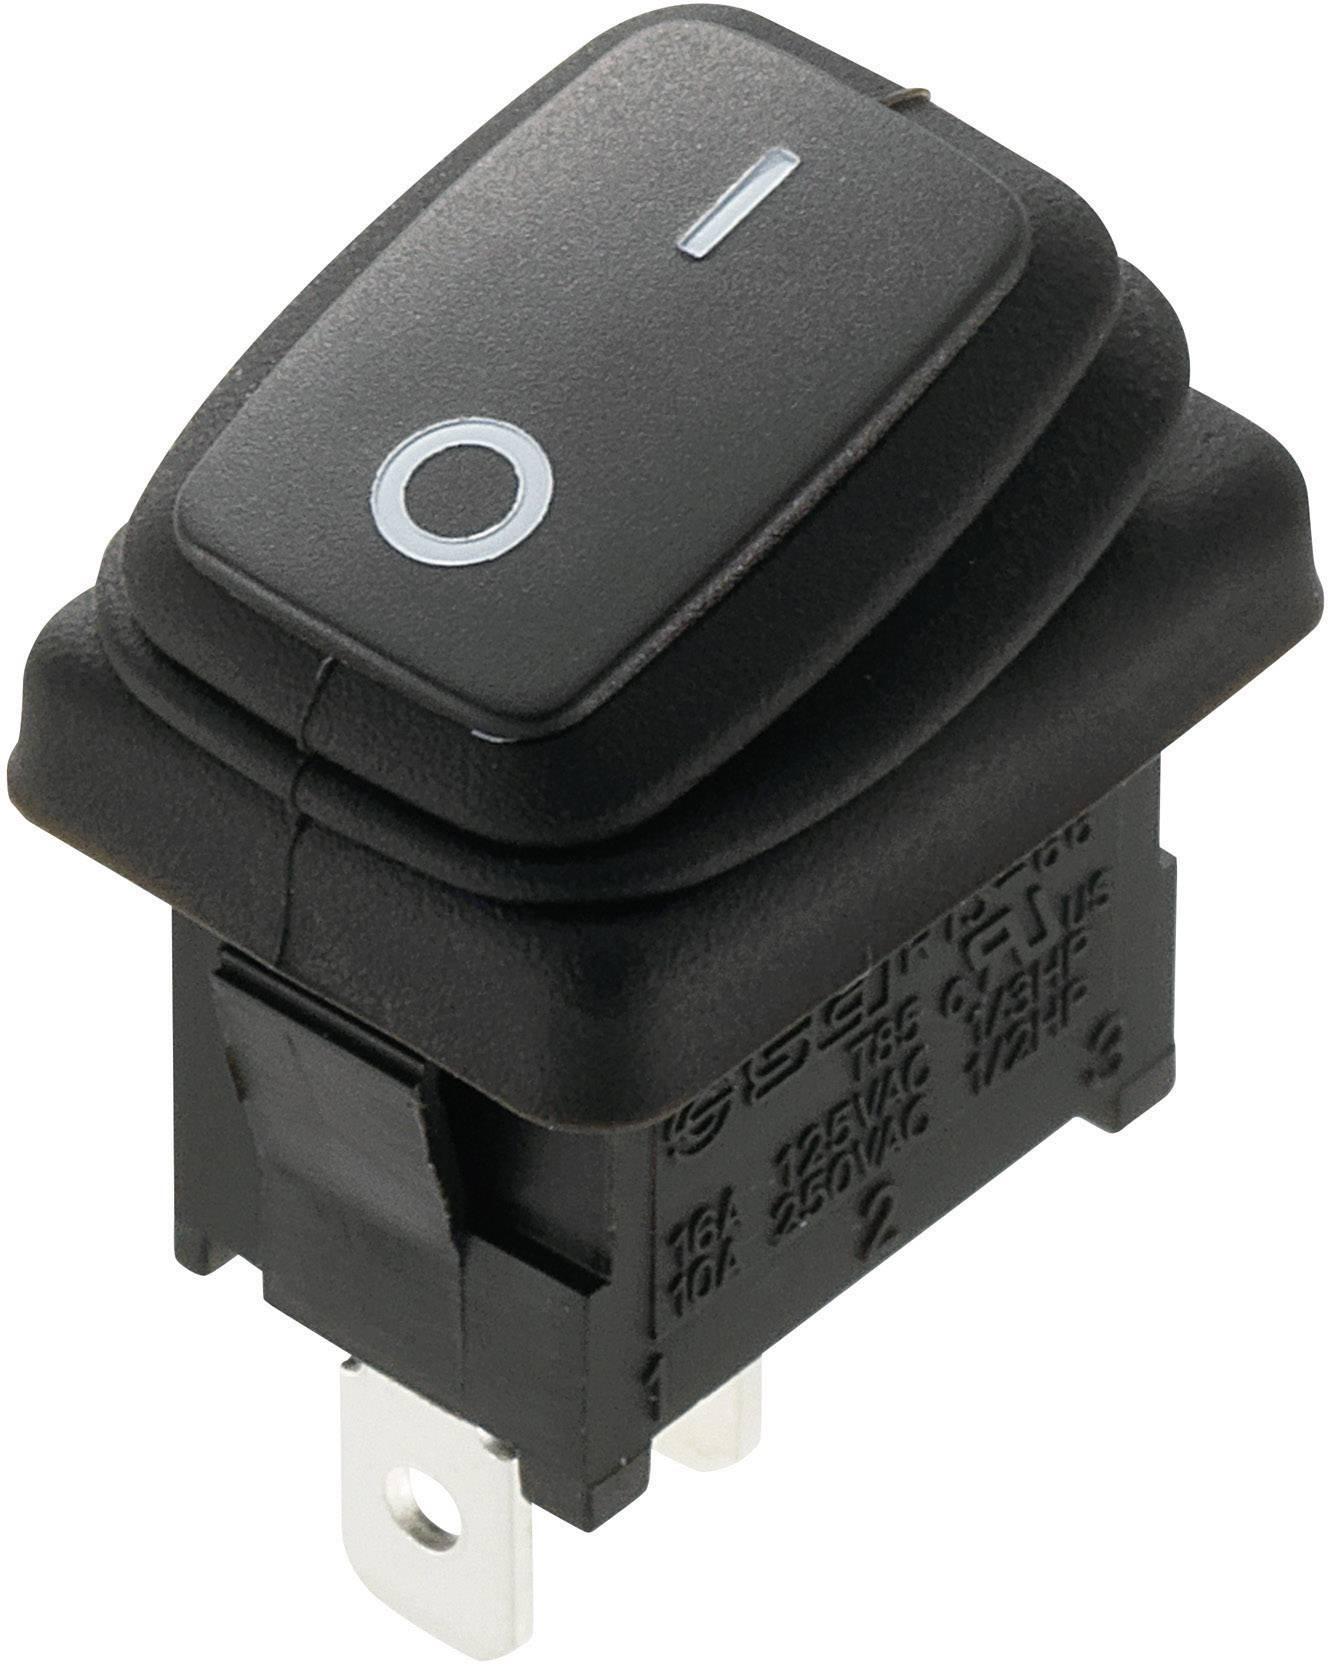 Kolískový spínač s aretáciou TRU COMPONENTS TC-R13-66A8-02, 250 V/AC, 10 A, 1x vyp/zap, IP65, 1 ks